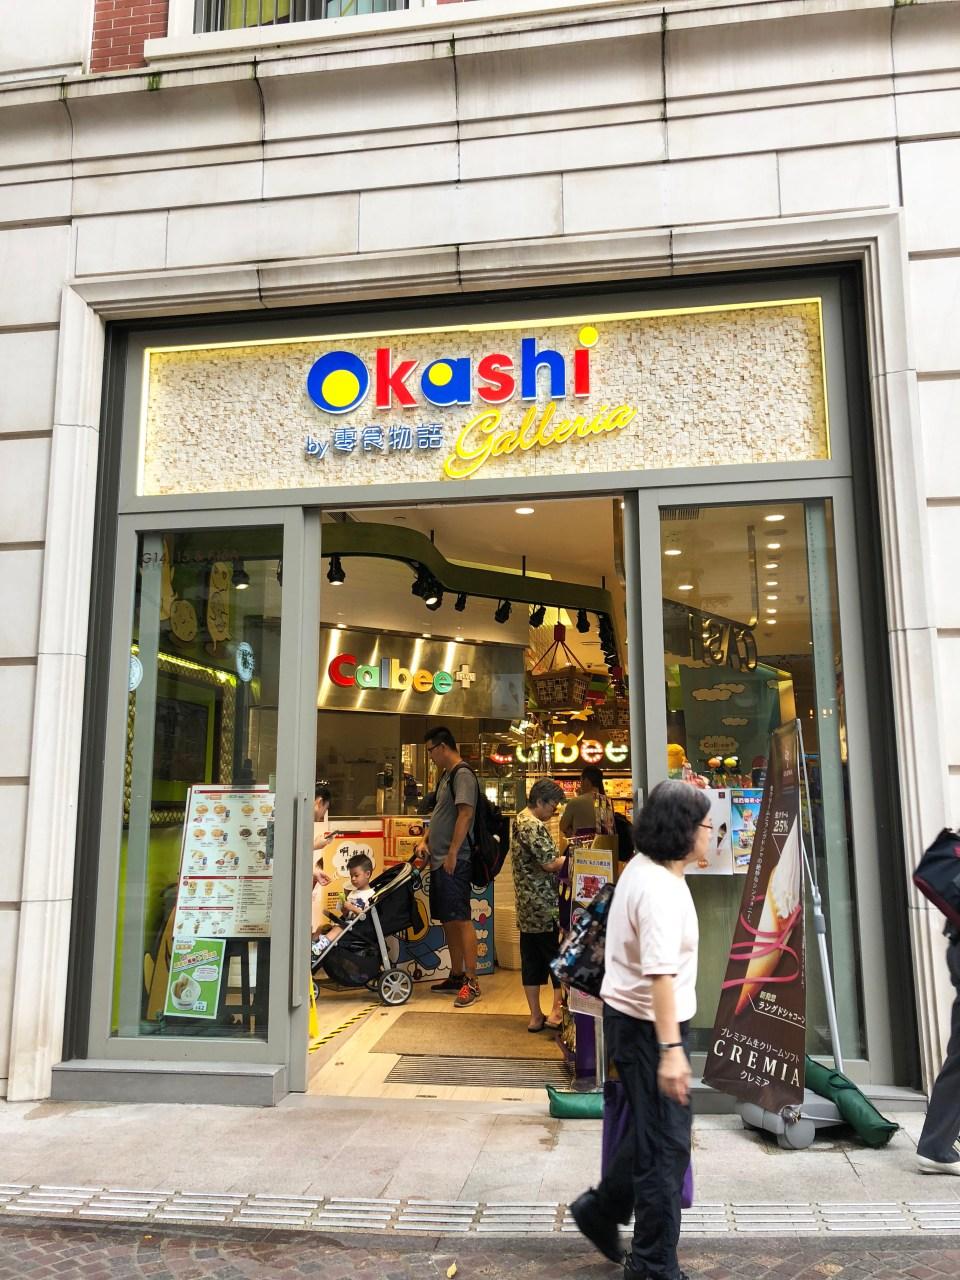 Hong Kong - Okashi Galleria